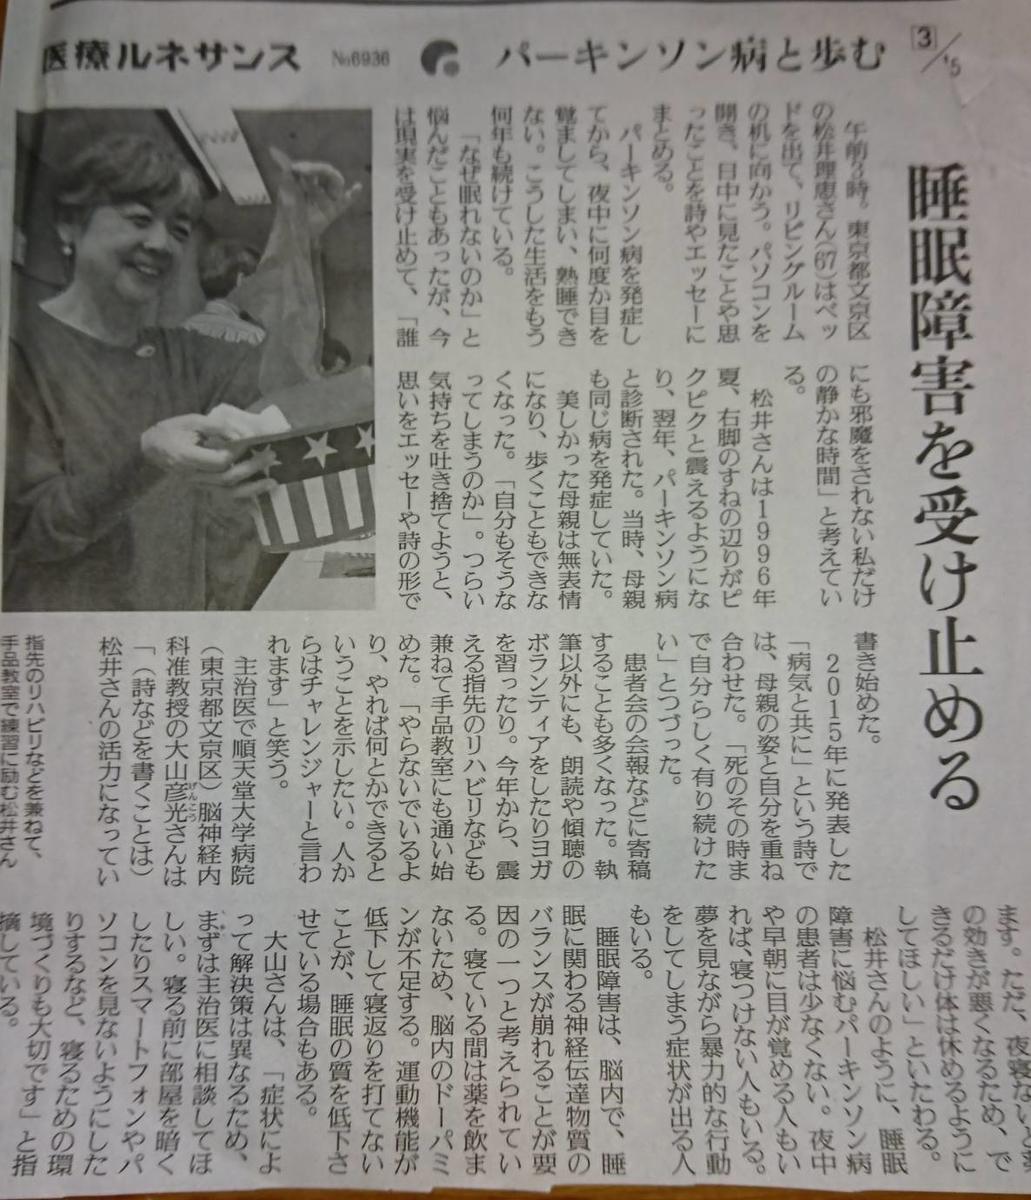 f:id:kazura-kobayashi:20200314213028j:plain